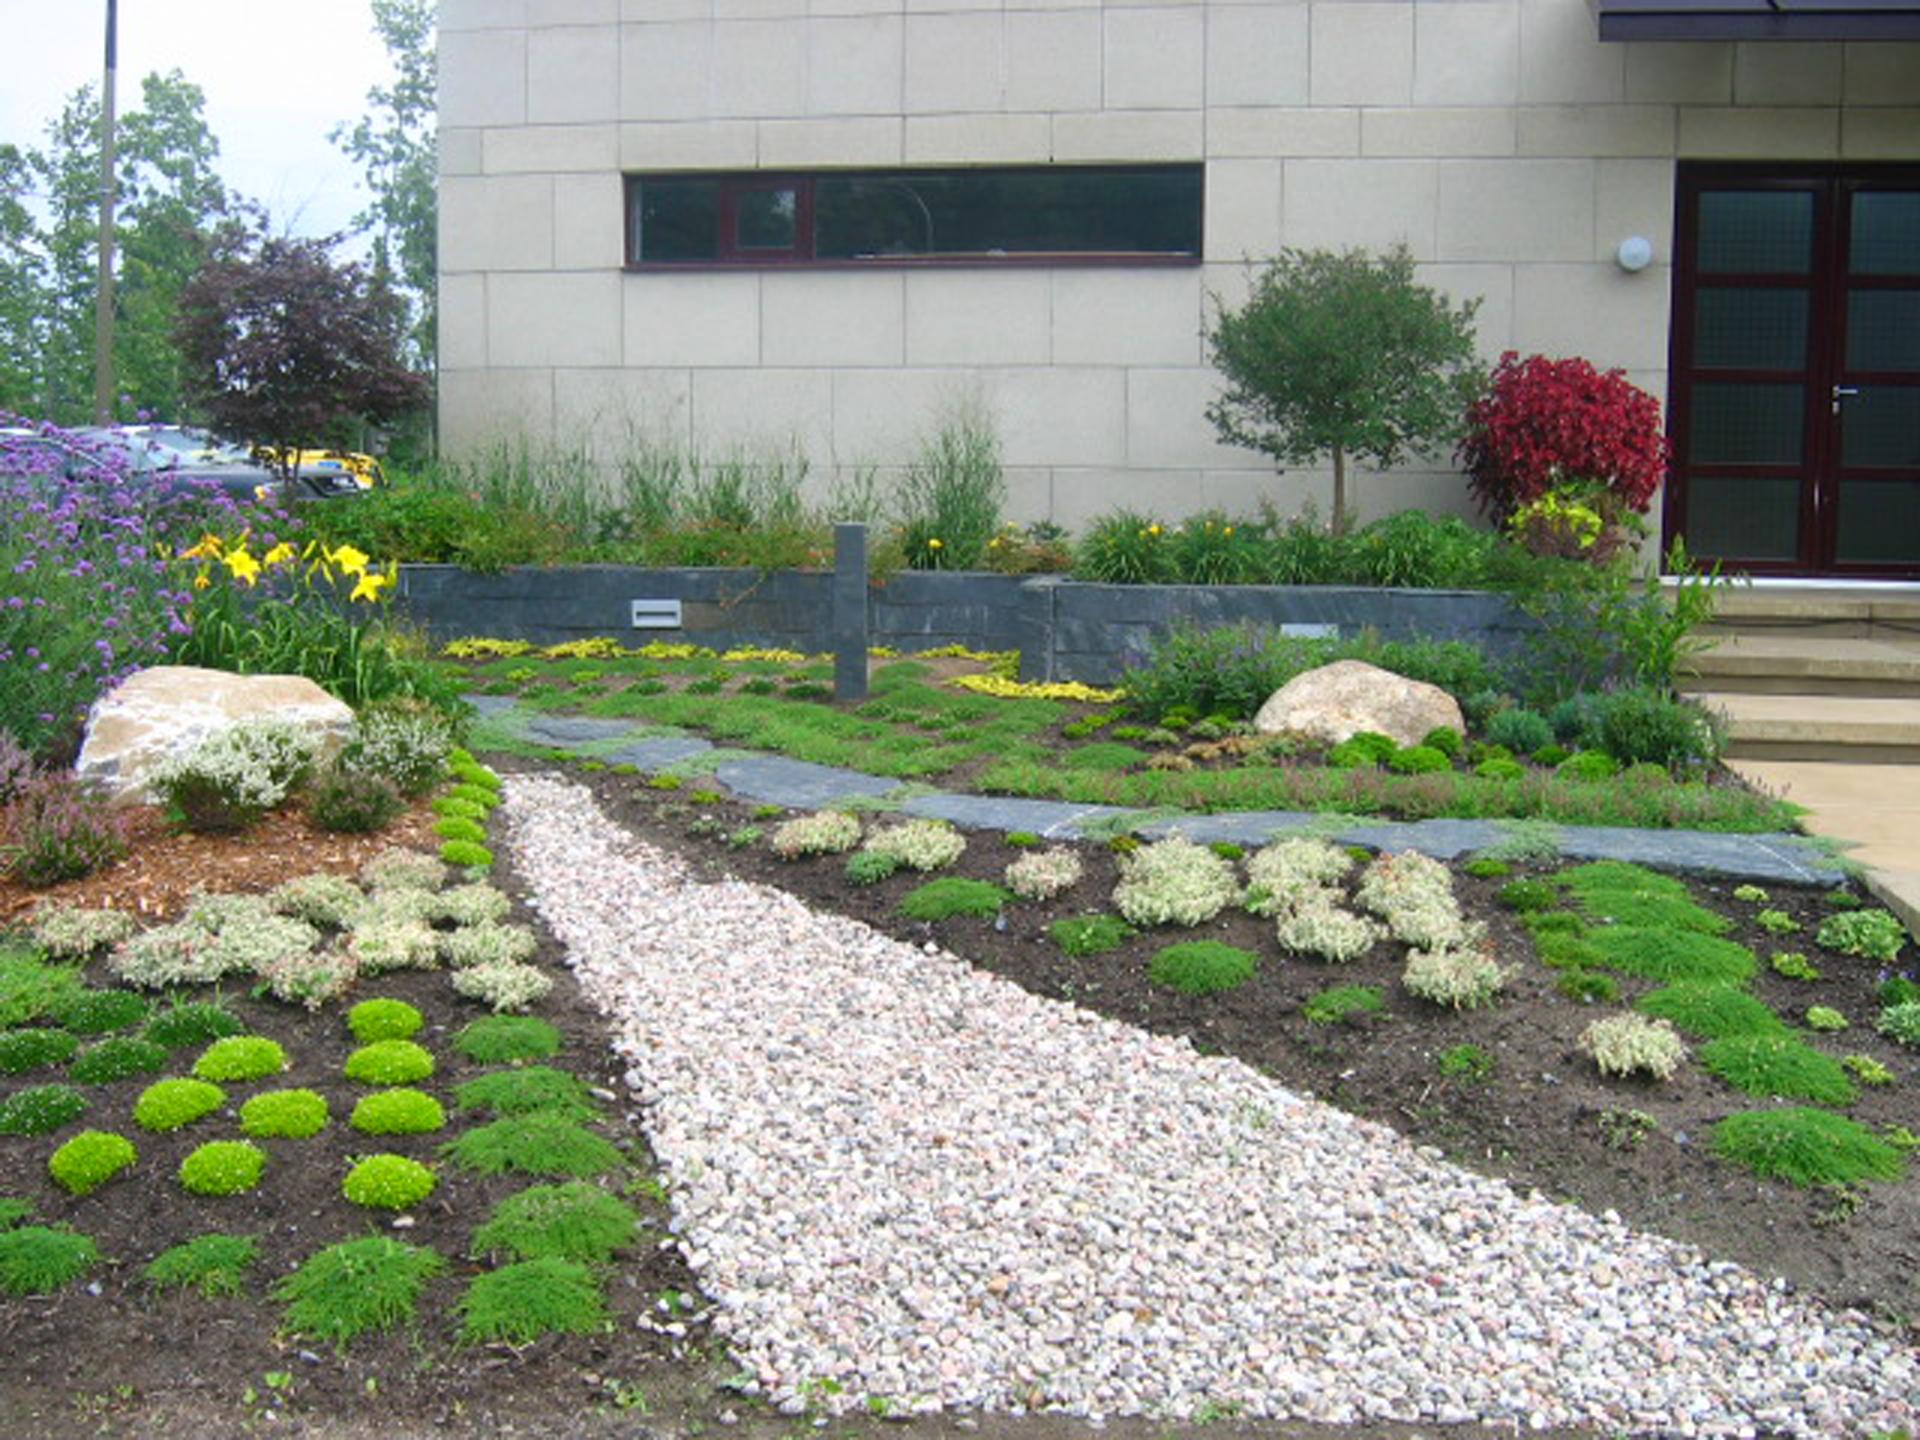 la plantation mosaique de couvre-sol